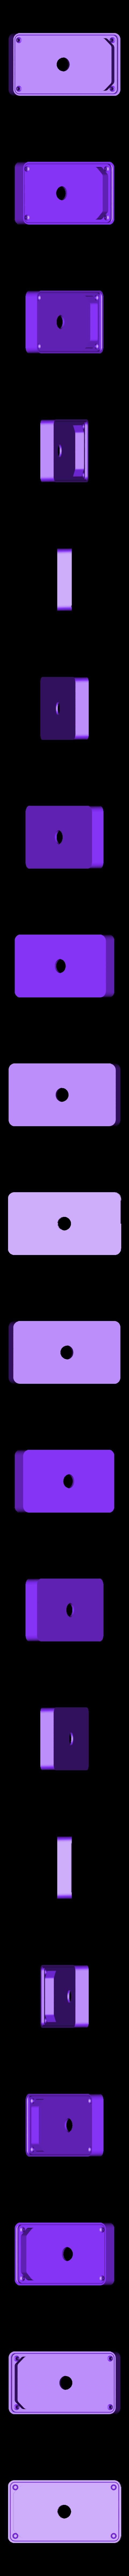 LargeRect_BackCase.STL Télécharger fichier STL gratuit Emblème Jeep Lumière LED / Veilleuse • Objet pour impression 3D, Balkhagal4D